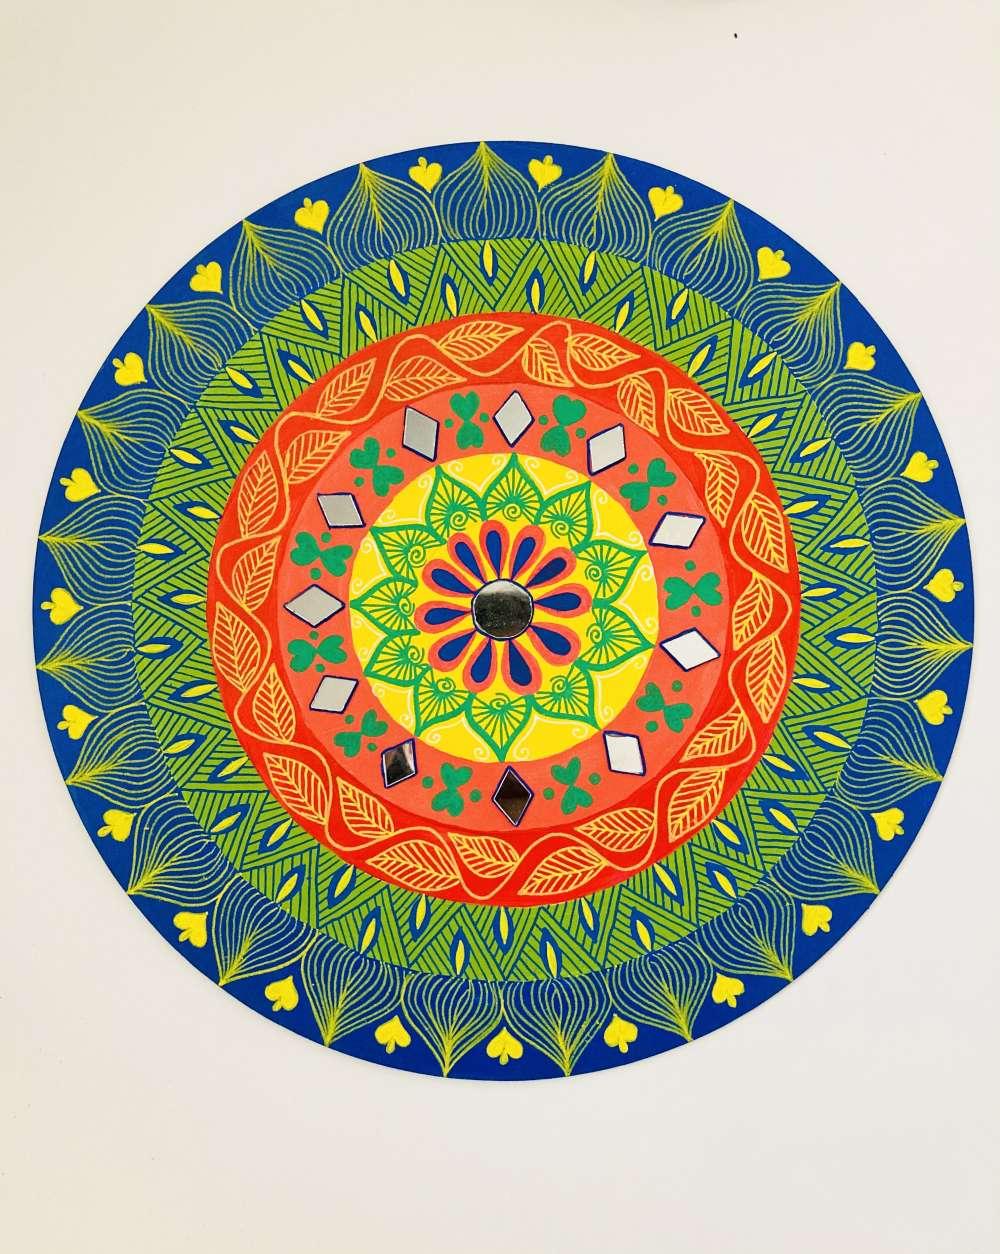 Rainbow mandala wall art